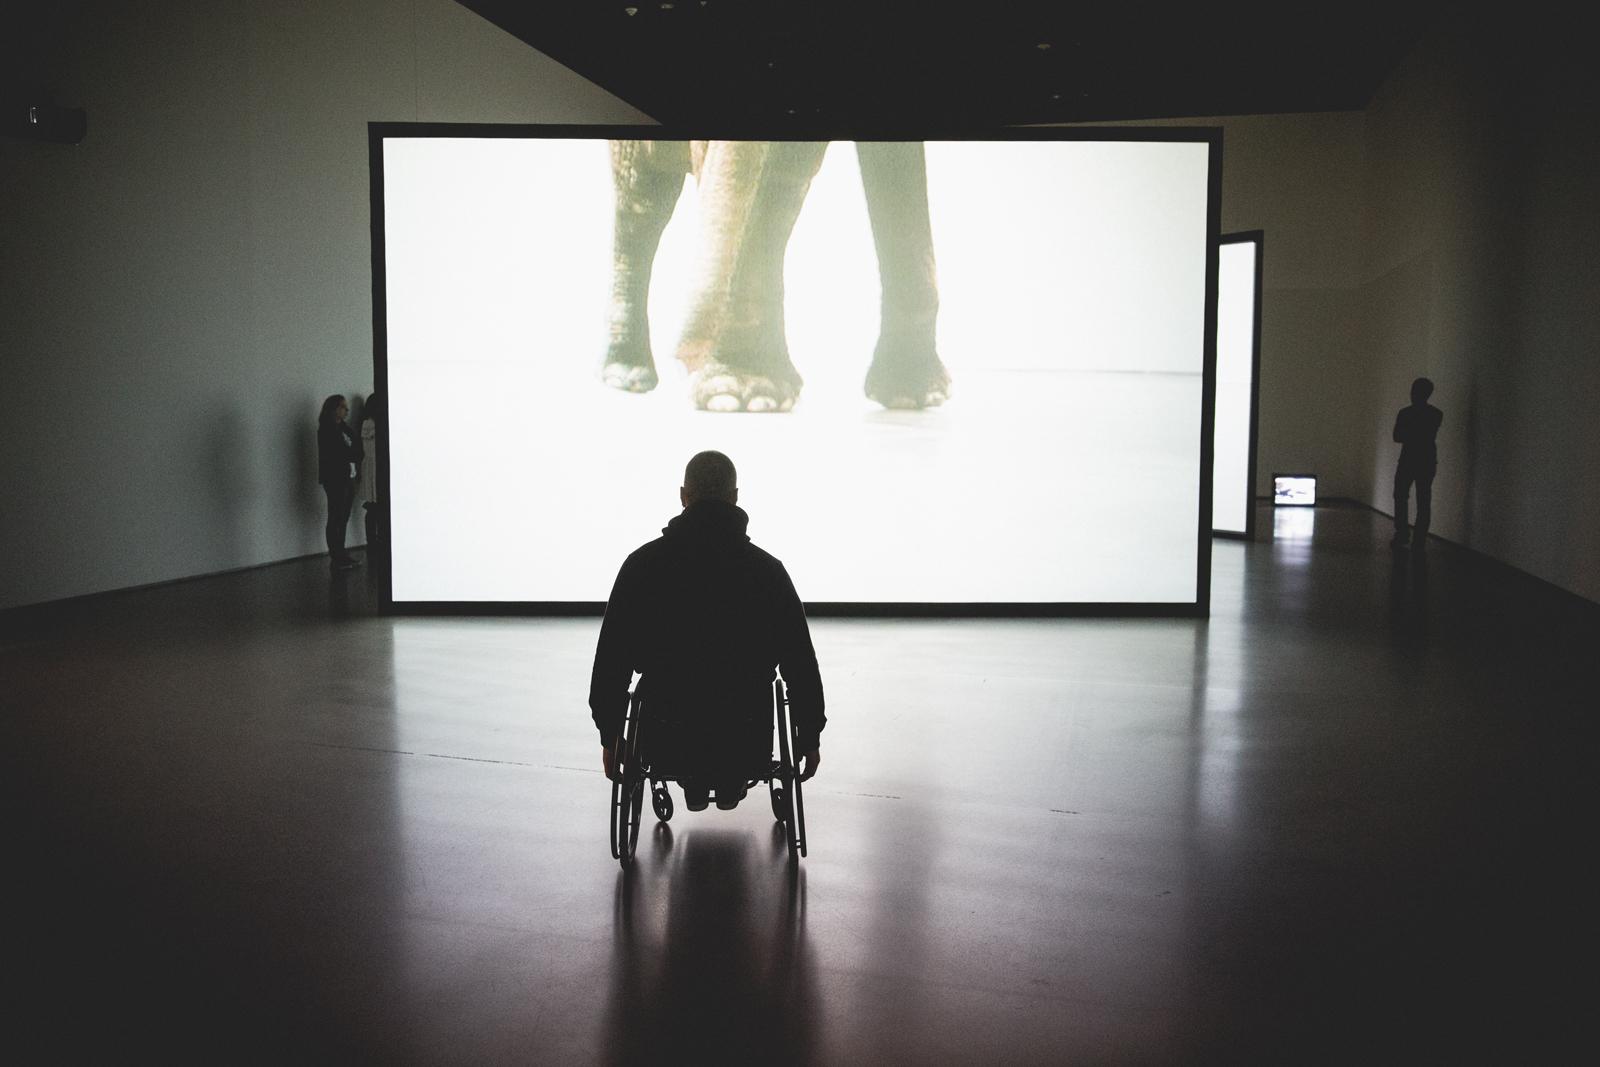 bolfo_0001s_0018_NYHC MOMA